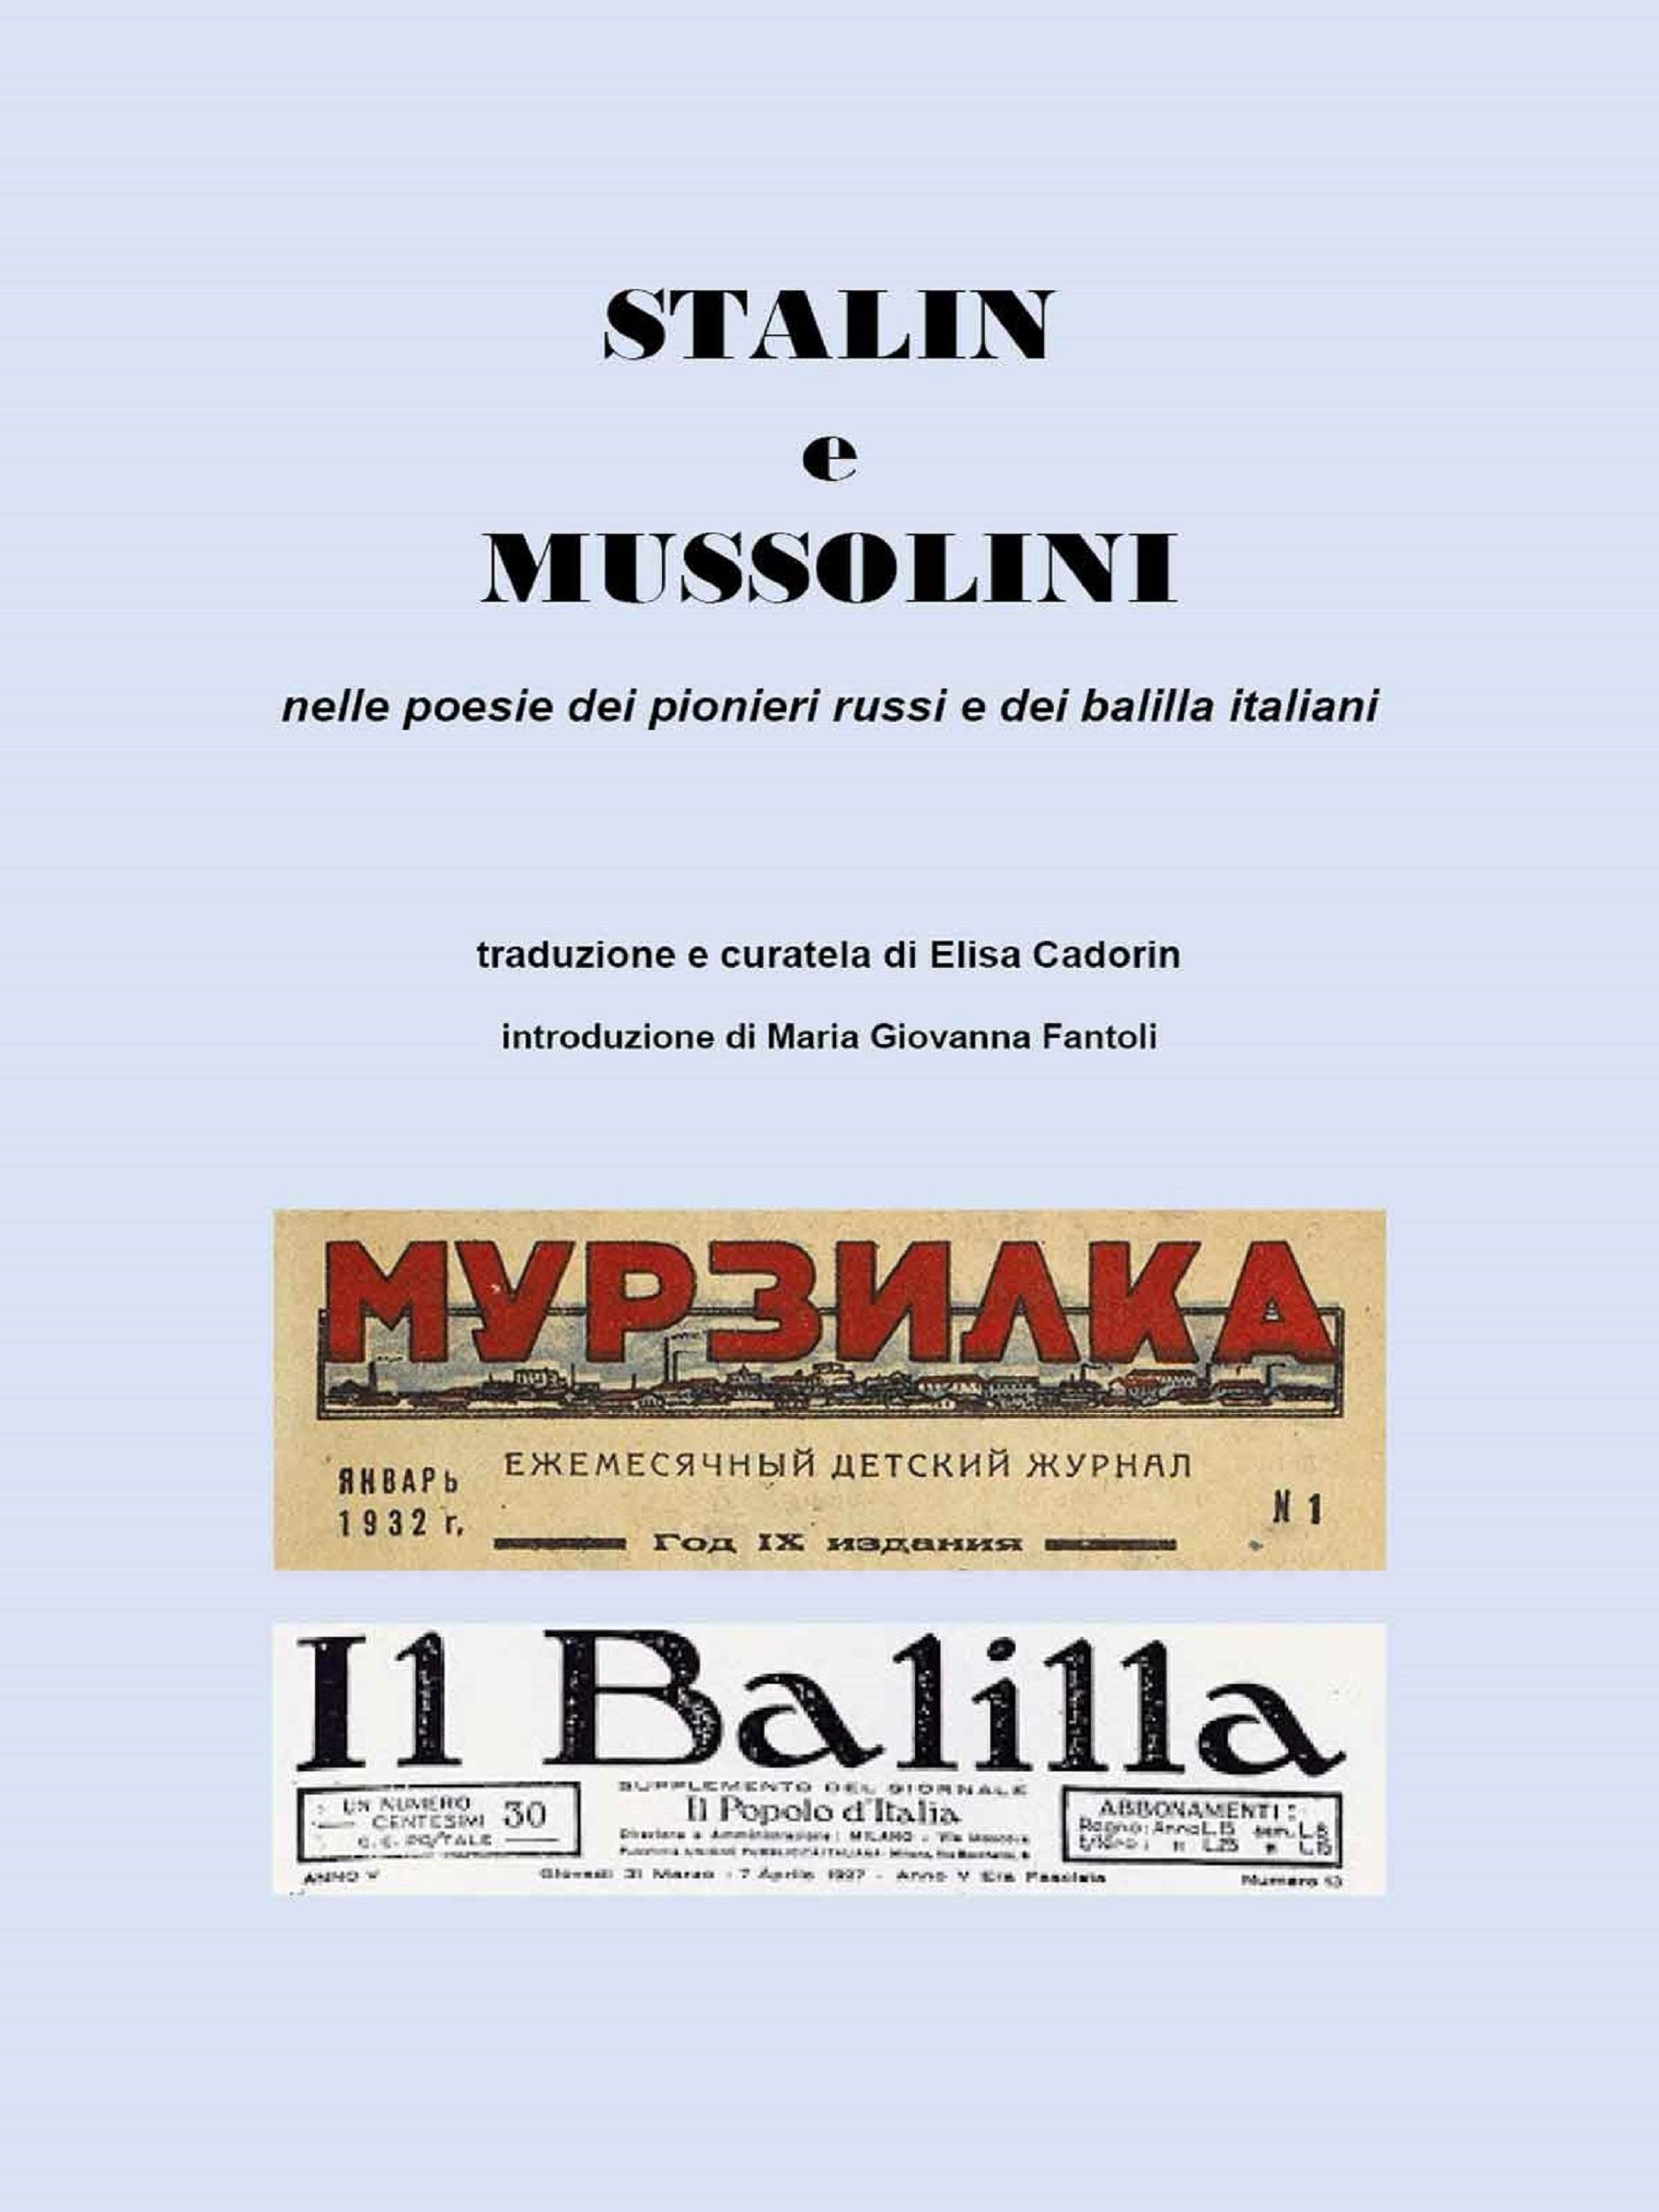 Stalin e Mussolini nelle poesie dei pionieri russi e dei balilla italiani